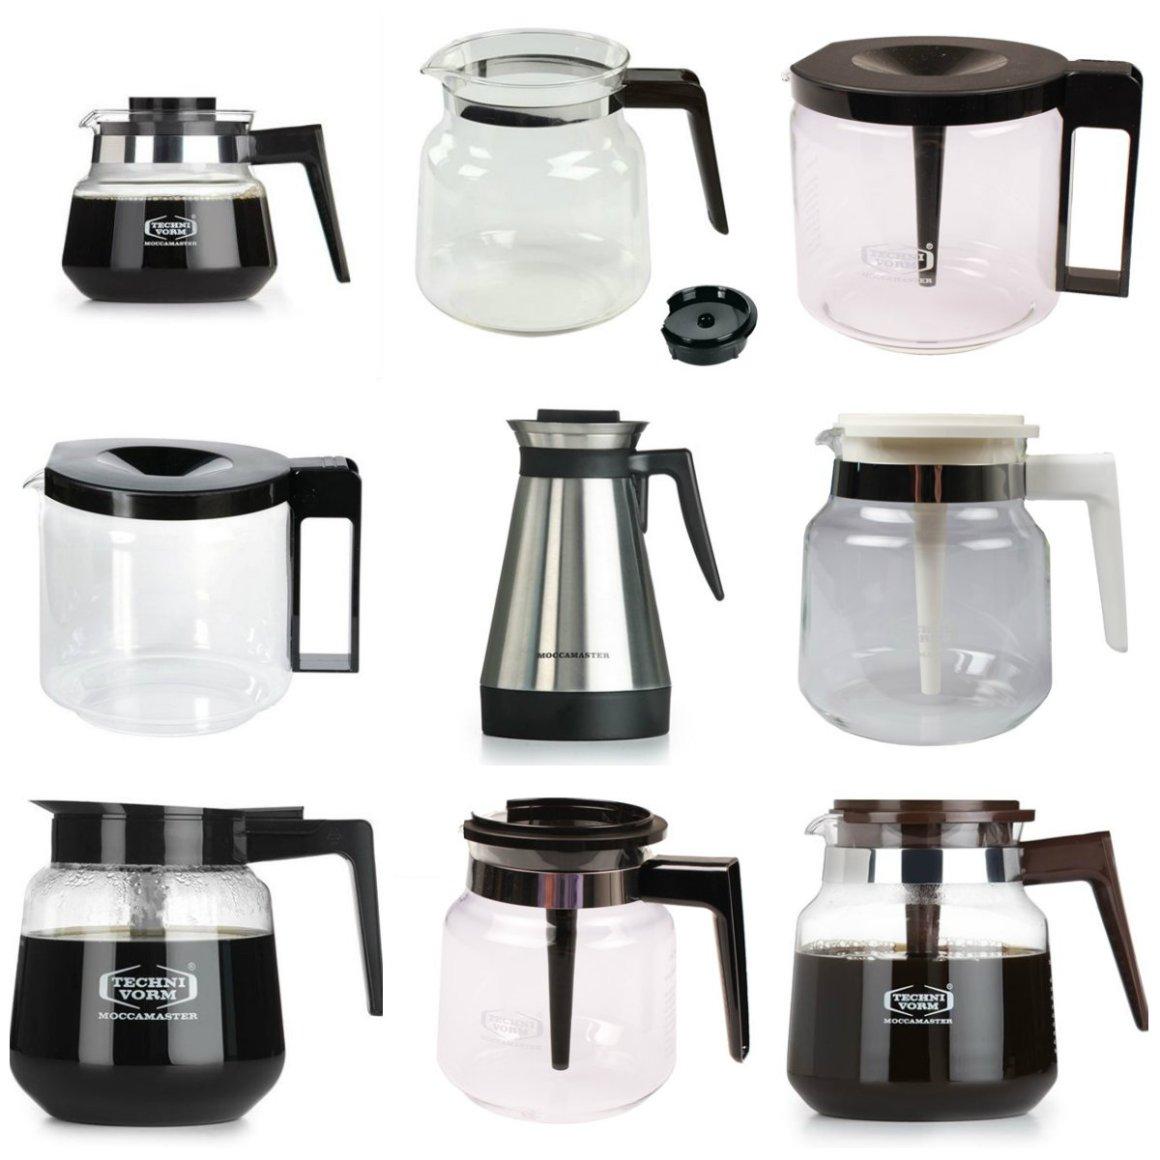 moccamaster glaskande model glaskande til moccamaster kande til moccamaster kaffemaskine reservedel til moccamaster kaffemaskine kande til moccamaster